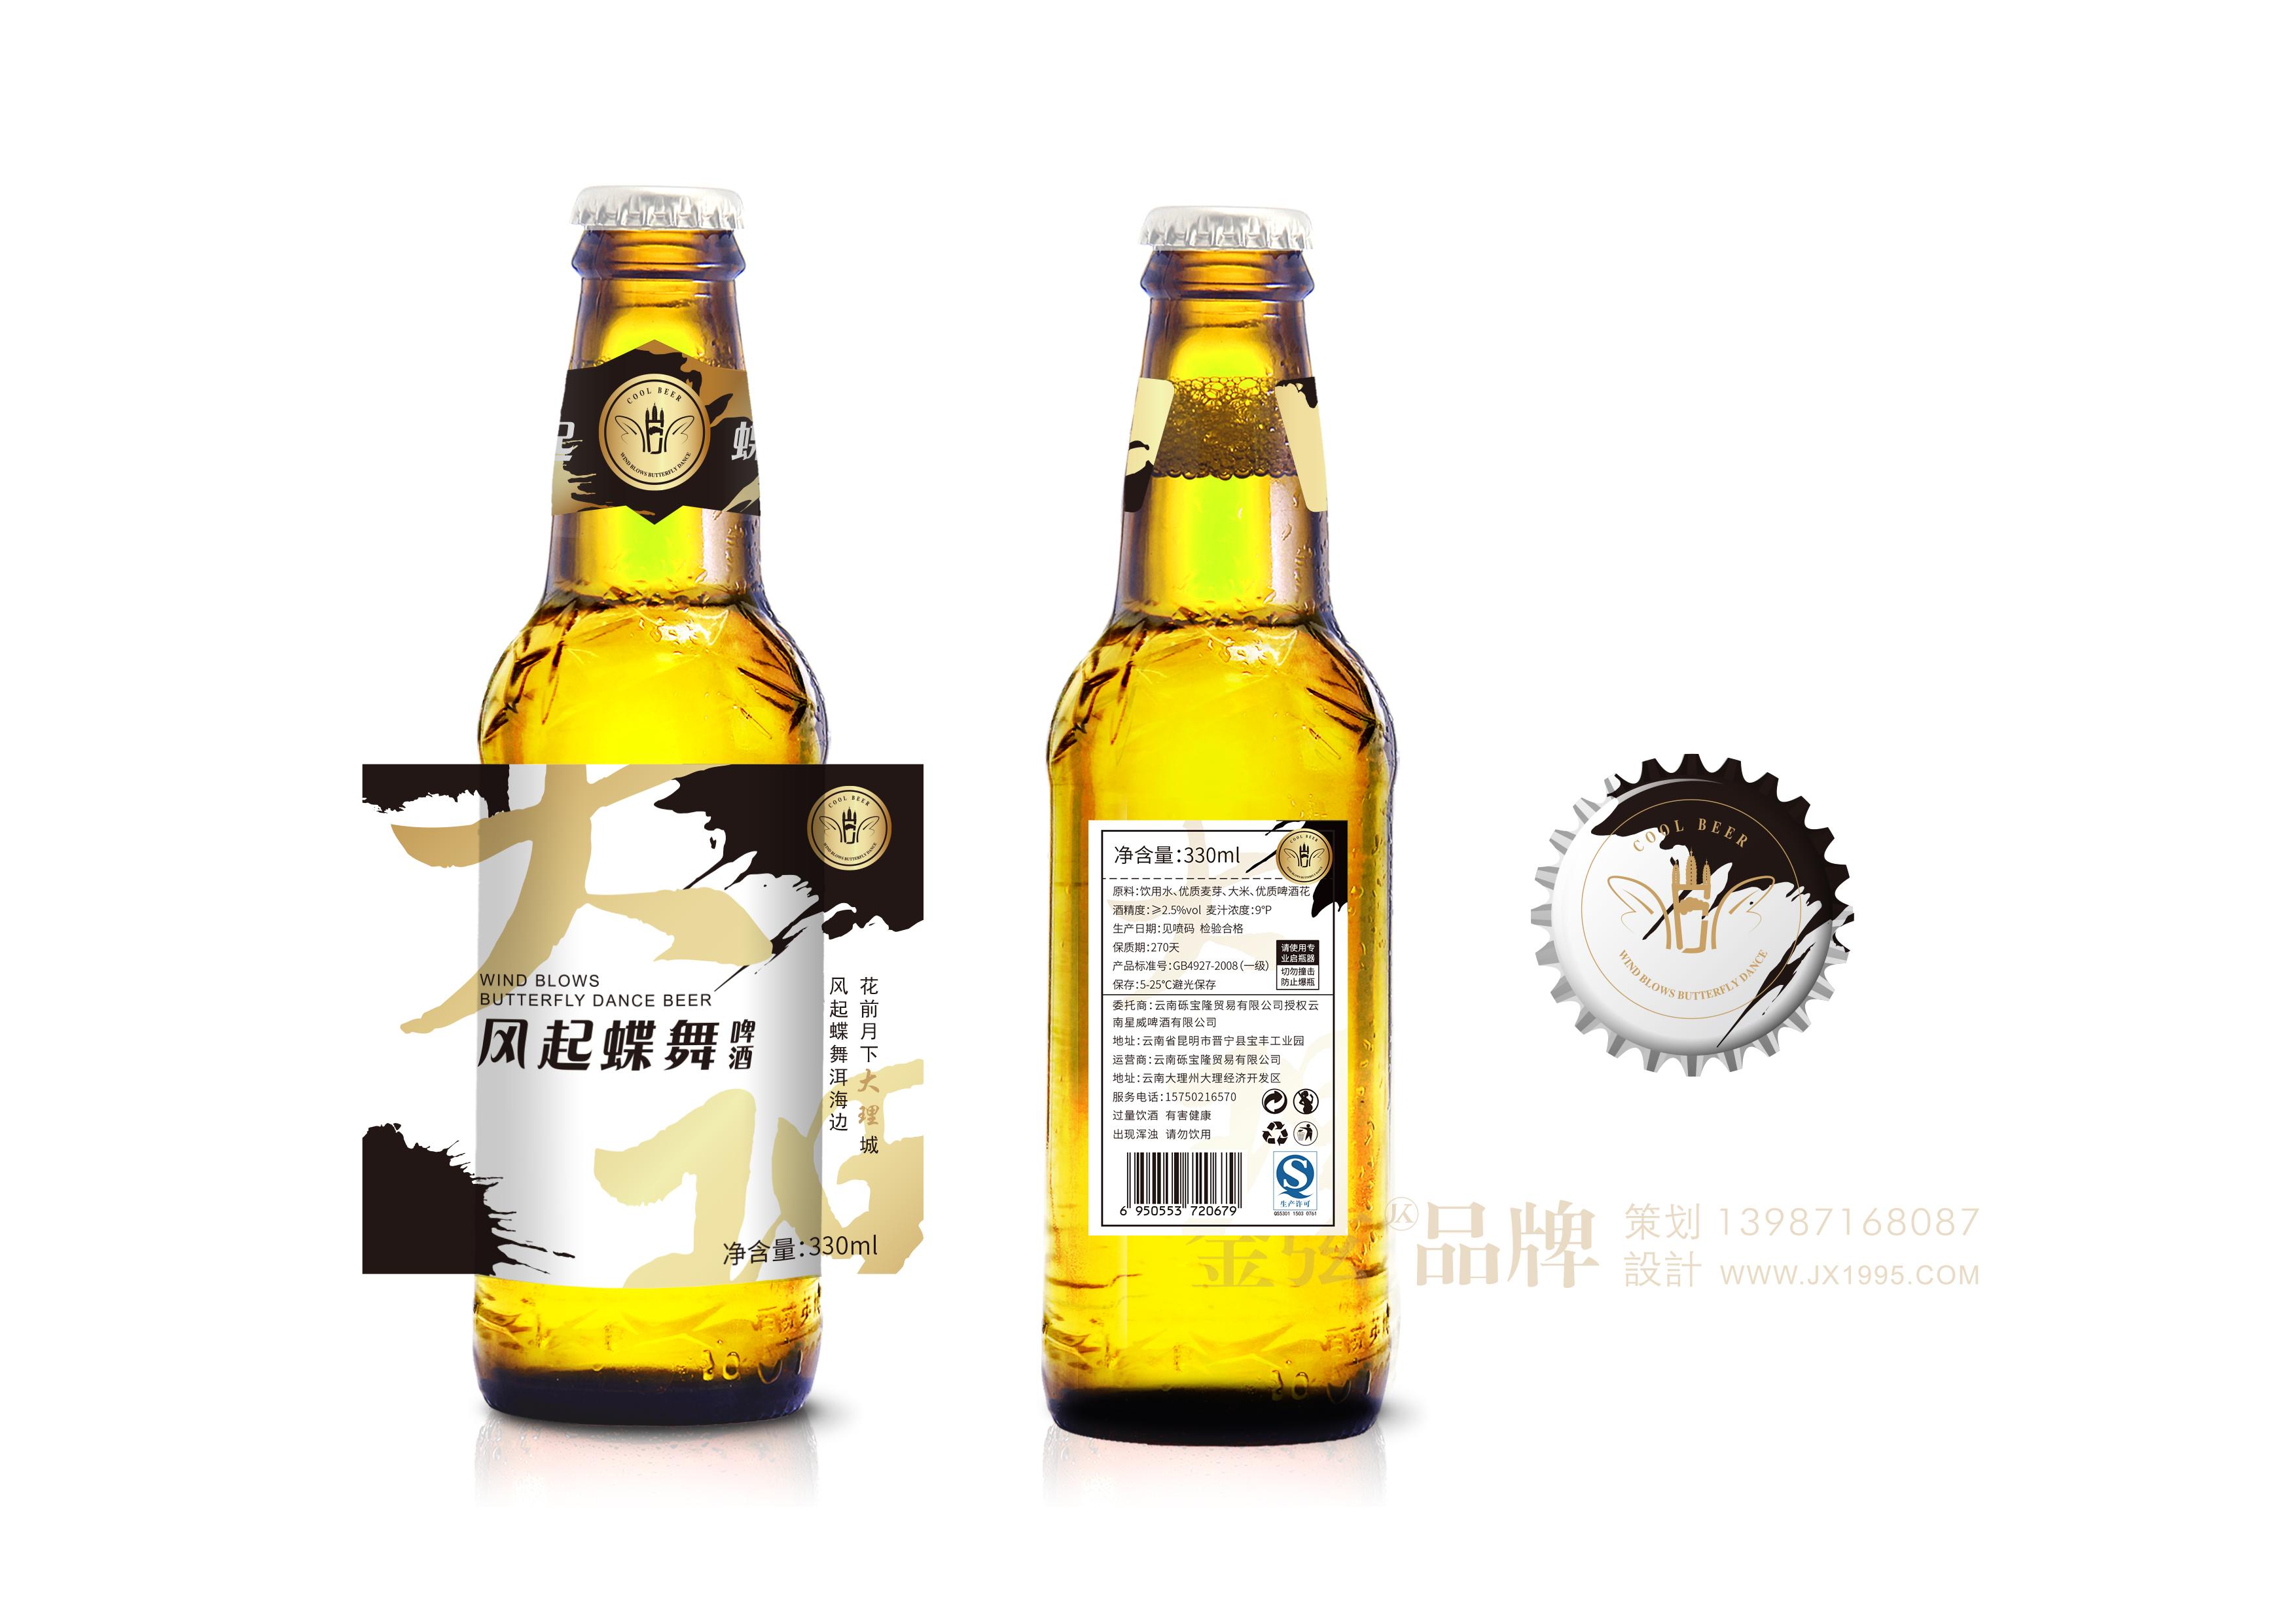 风起蝶舞啤酒包装设计 包装设计 客户资料  第4张